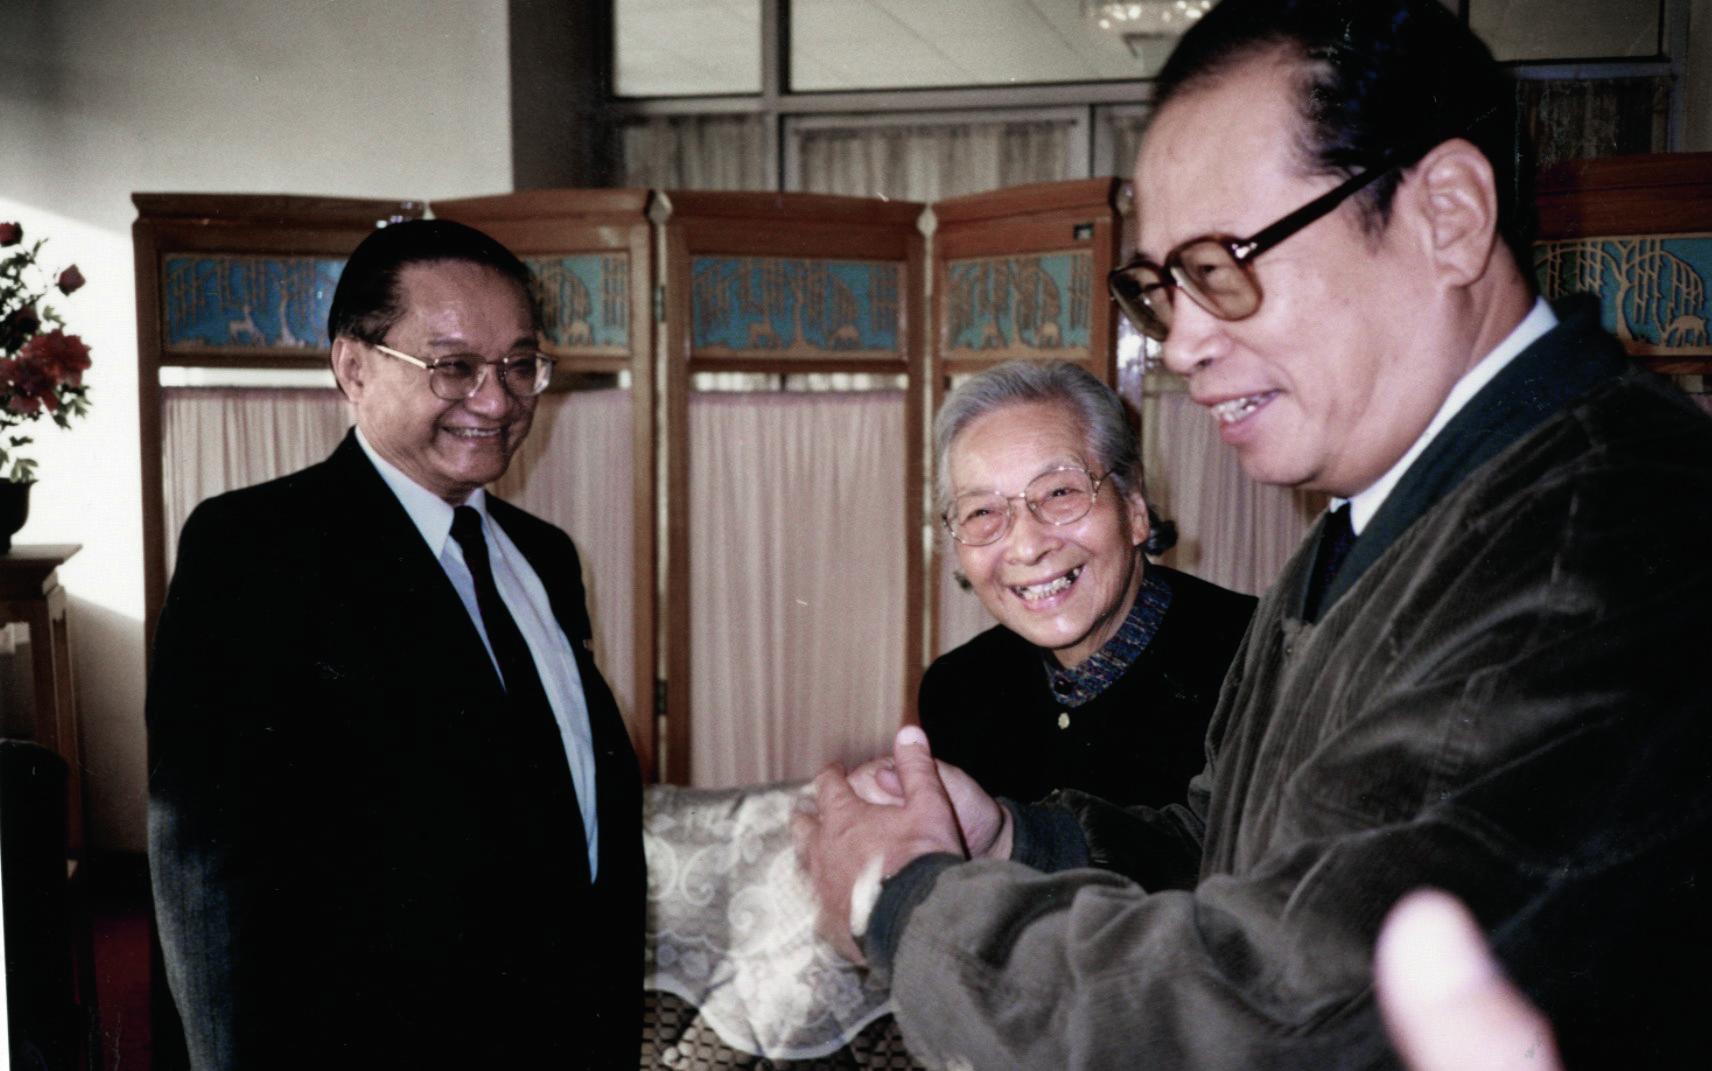 1995年10月25日,同為基本法起草委員的查良鏞跟雷潔瓊和周南聚首一堂,從各人笑容可知感情熟稔。 中新社